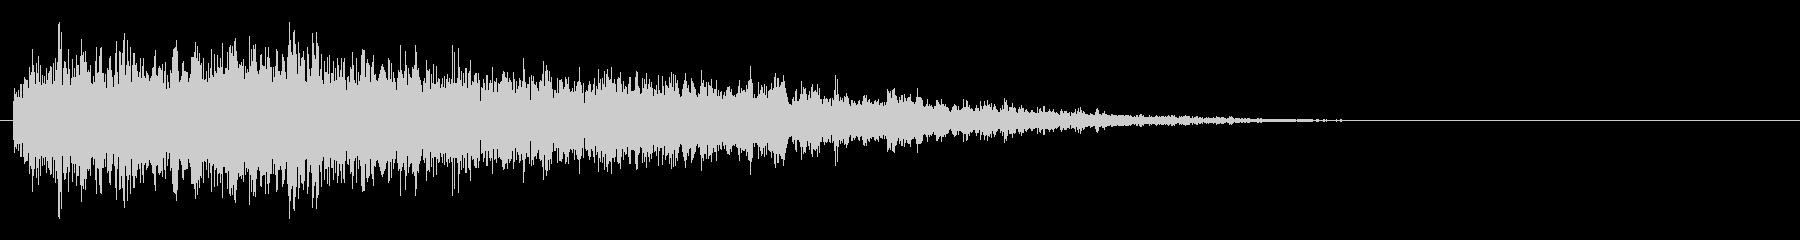 サスペンスピアノ音_18-3の未再生の波形